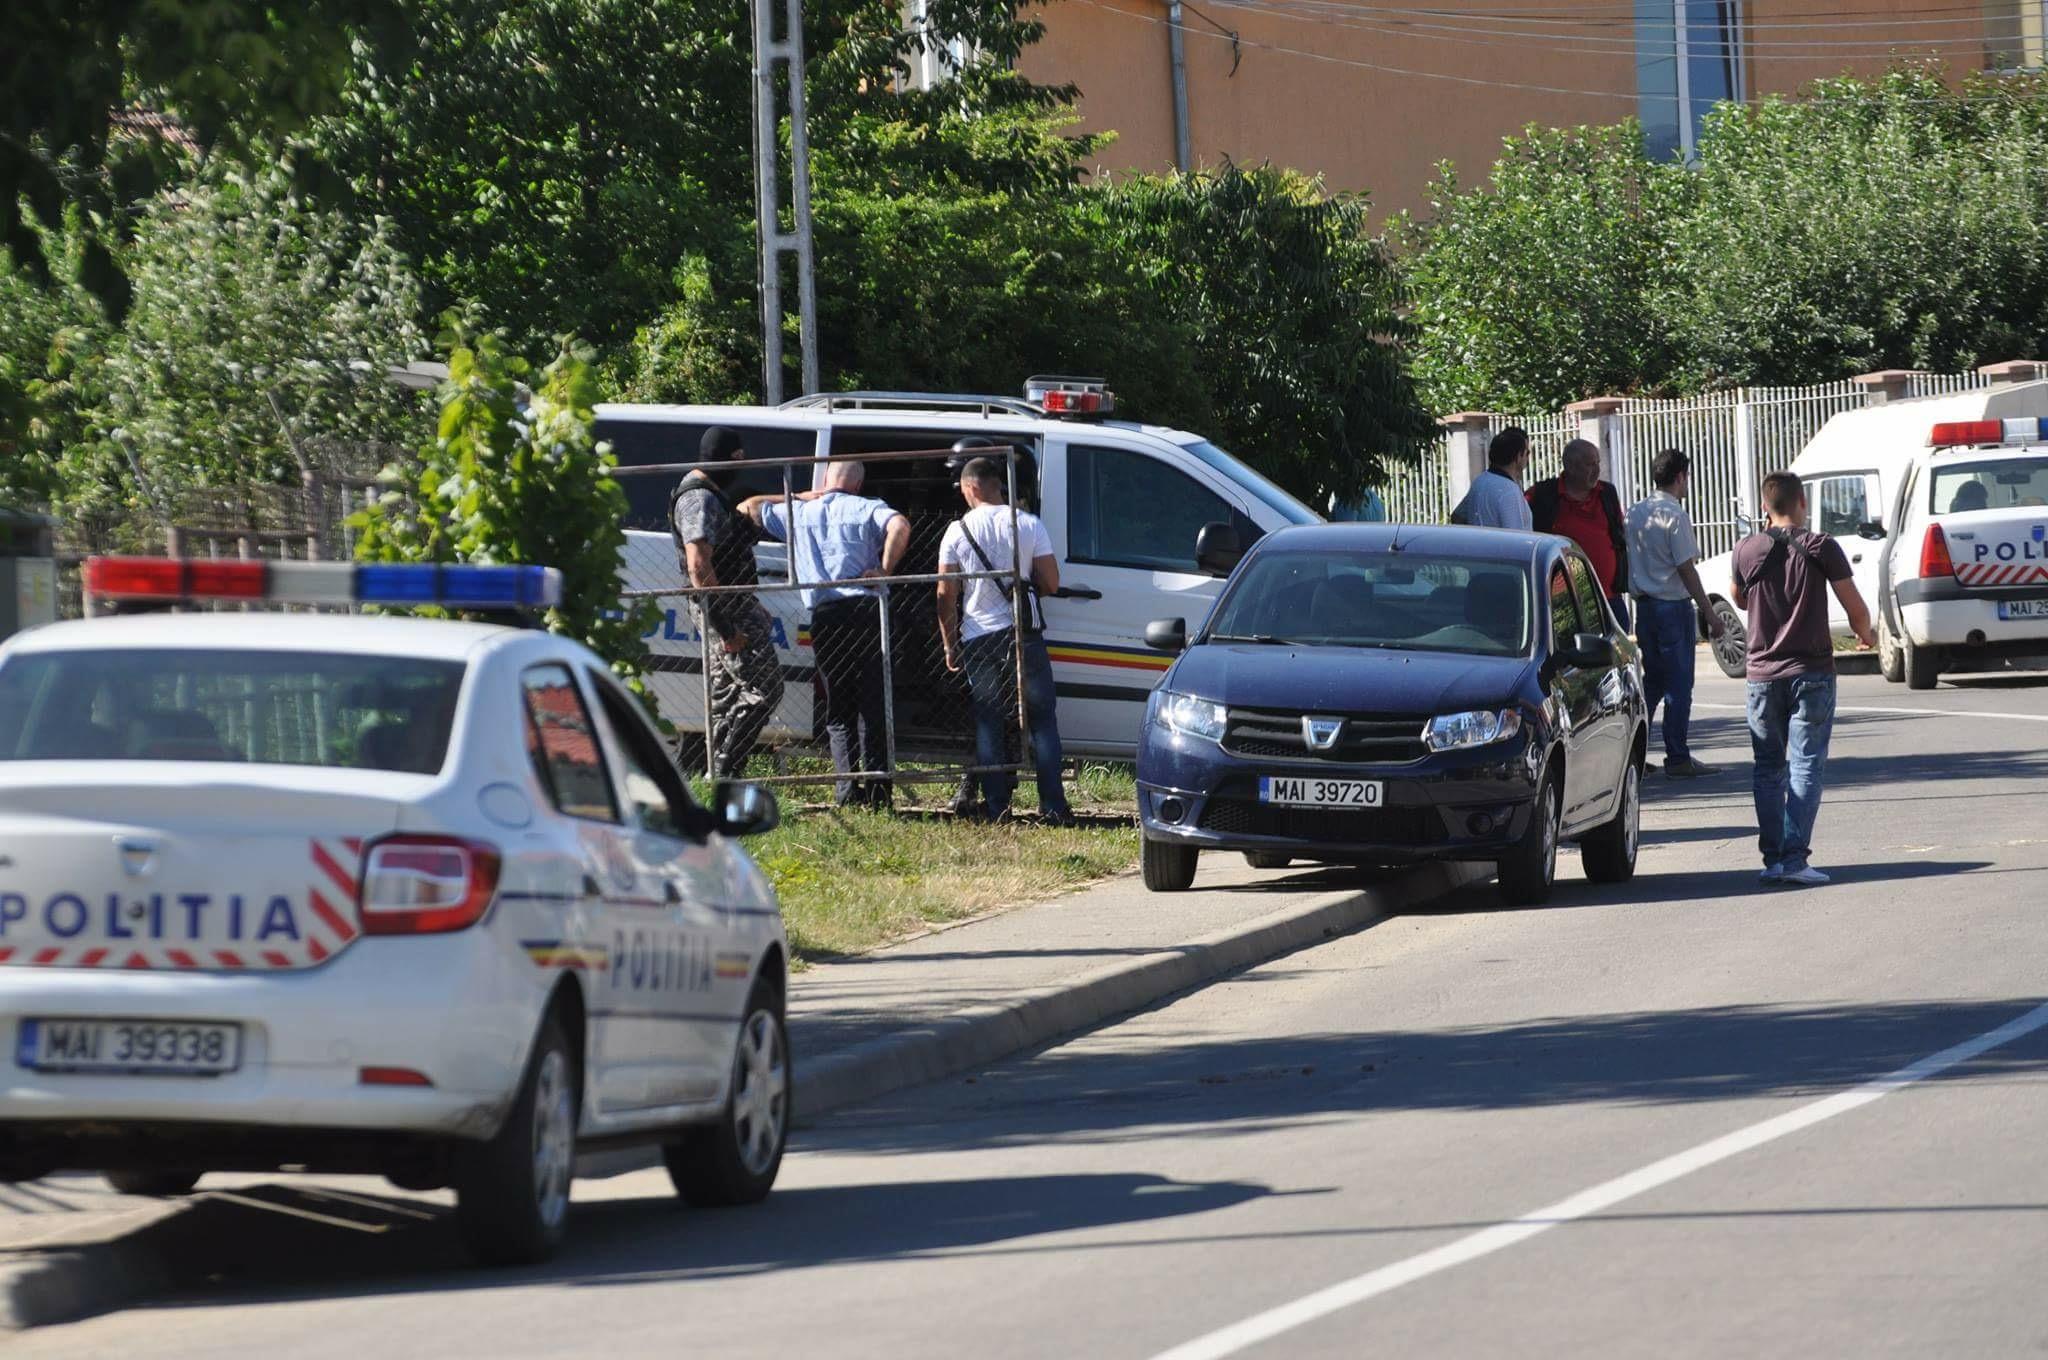 Poliţist împuşcat la Bistrița, în timpul unui schimb de focuri de armă! Autorul ar fi chiar suspectul jafului de la bancă – FOTO